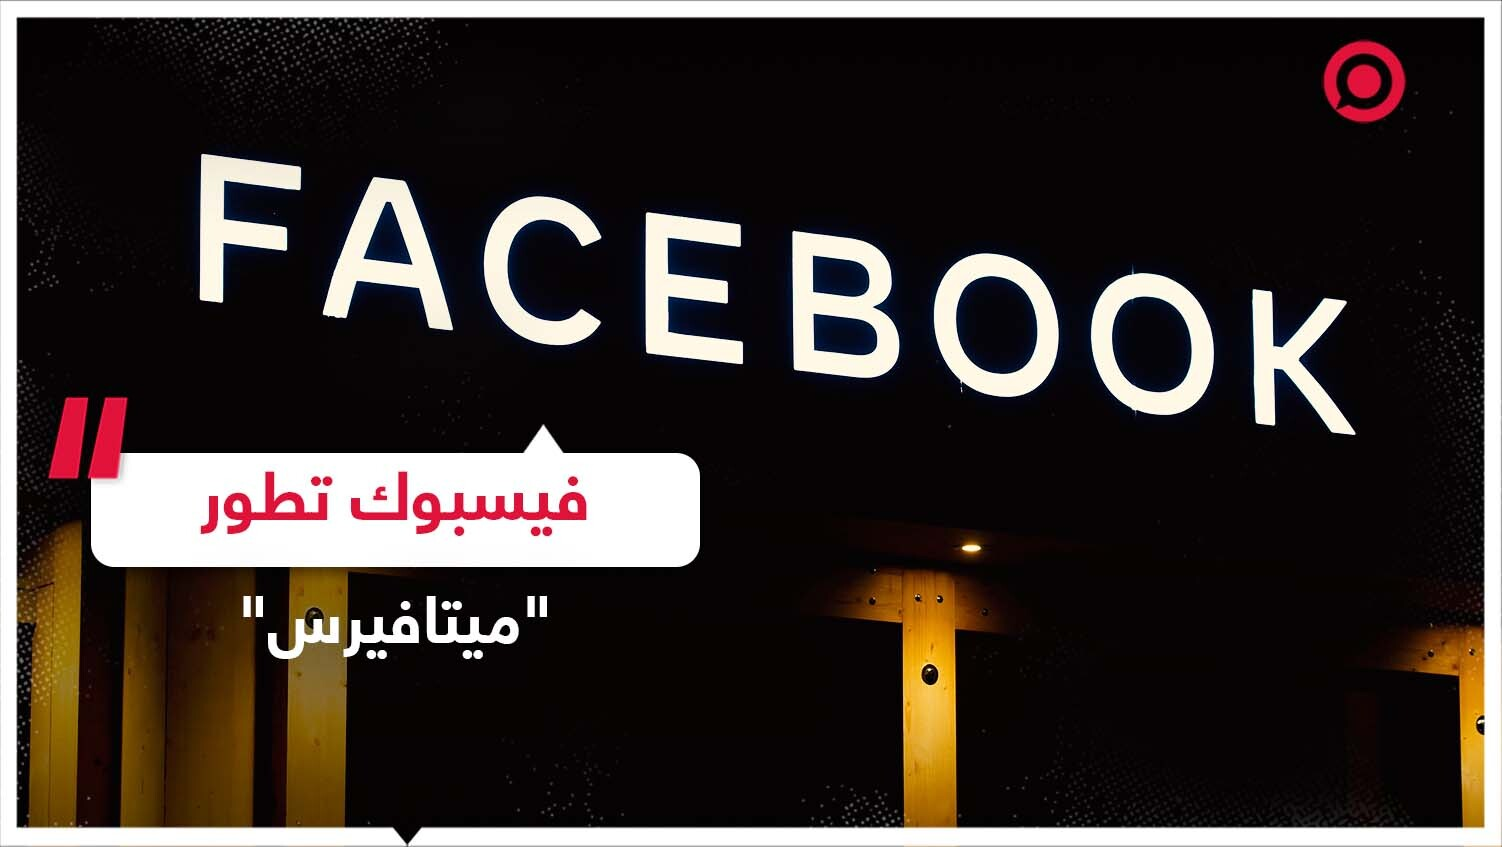 #فيسبوك    #تقنية    #عالم_رقمي